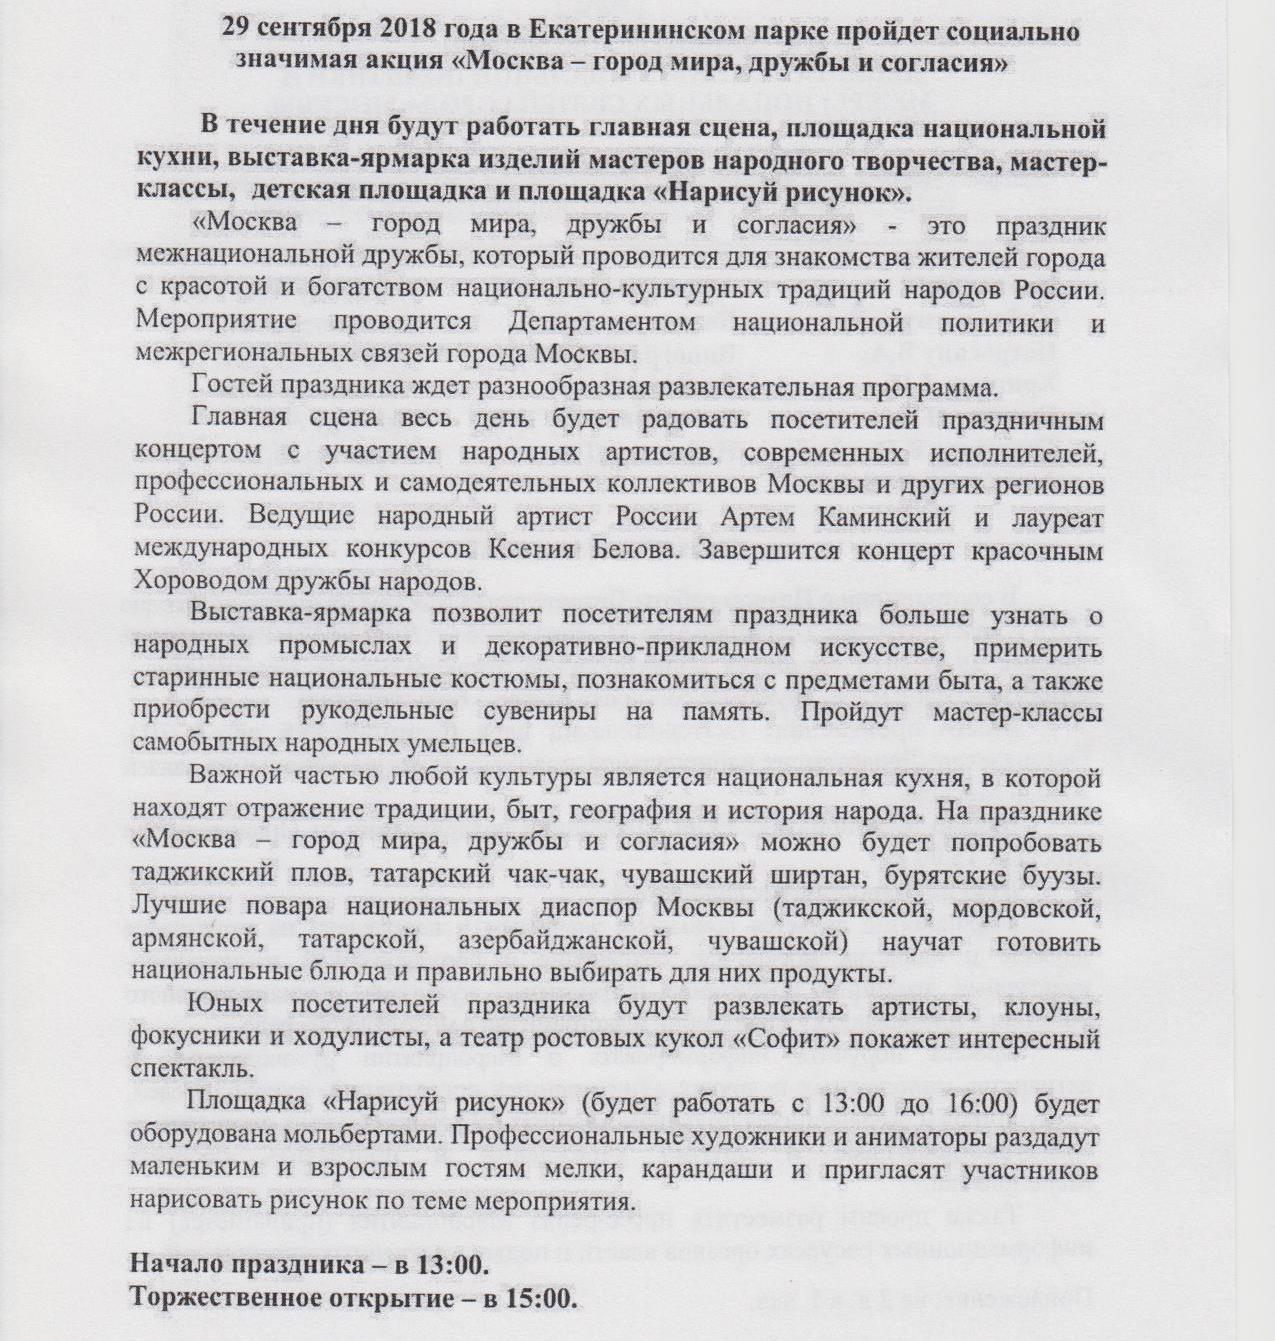 Москва - город мира, дружбы и согласия 002